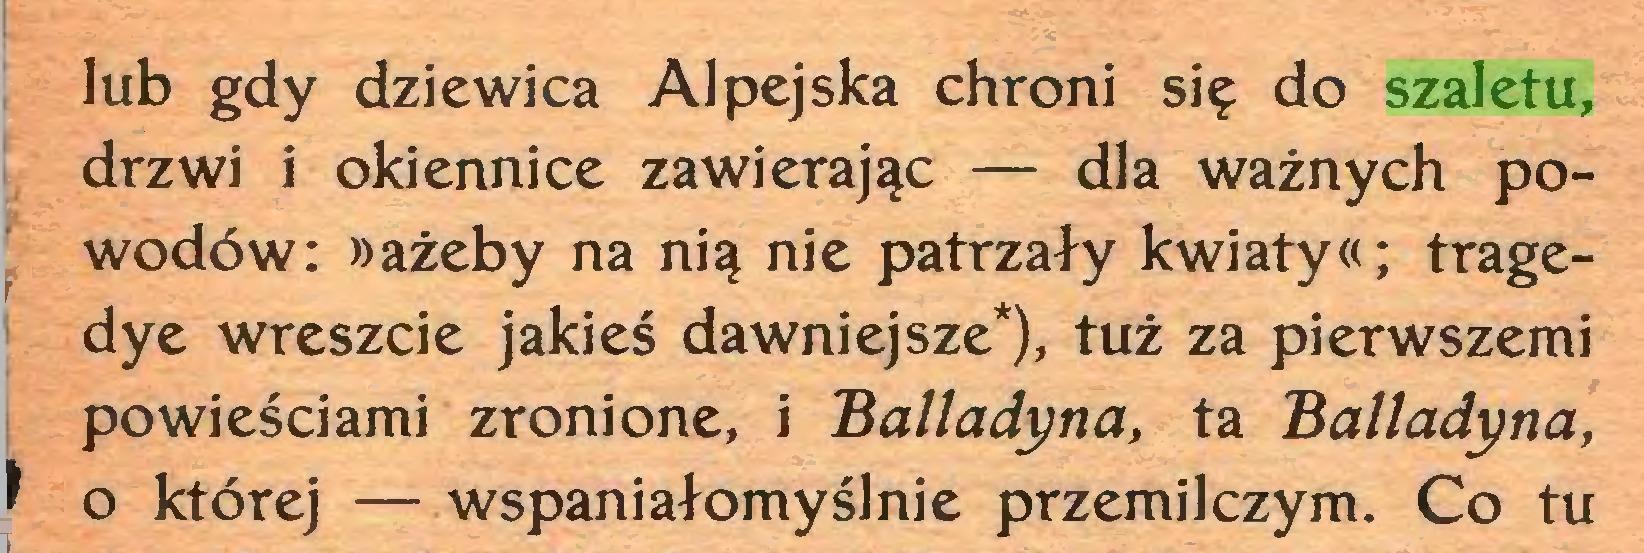 (...) lub gdy dziewica Alpejska chroni się do szaletu, j drzwi i okiennice zawierając — dla ważnych powodów: »ażeby na nią nie patrzały kwiaty«; tragei dye wreszcie jakieś dawniejsze*), tuż za pierwszemi powieściami zronione, i Balladyna, ta Balladyna, J o której —wspaniałomyślnie przemilczym. Co tu...